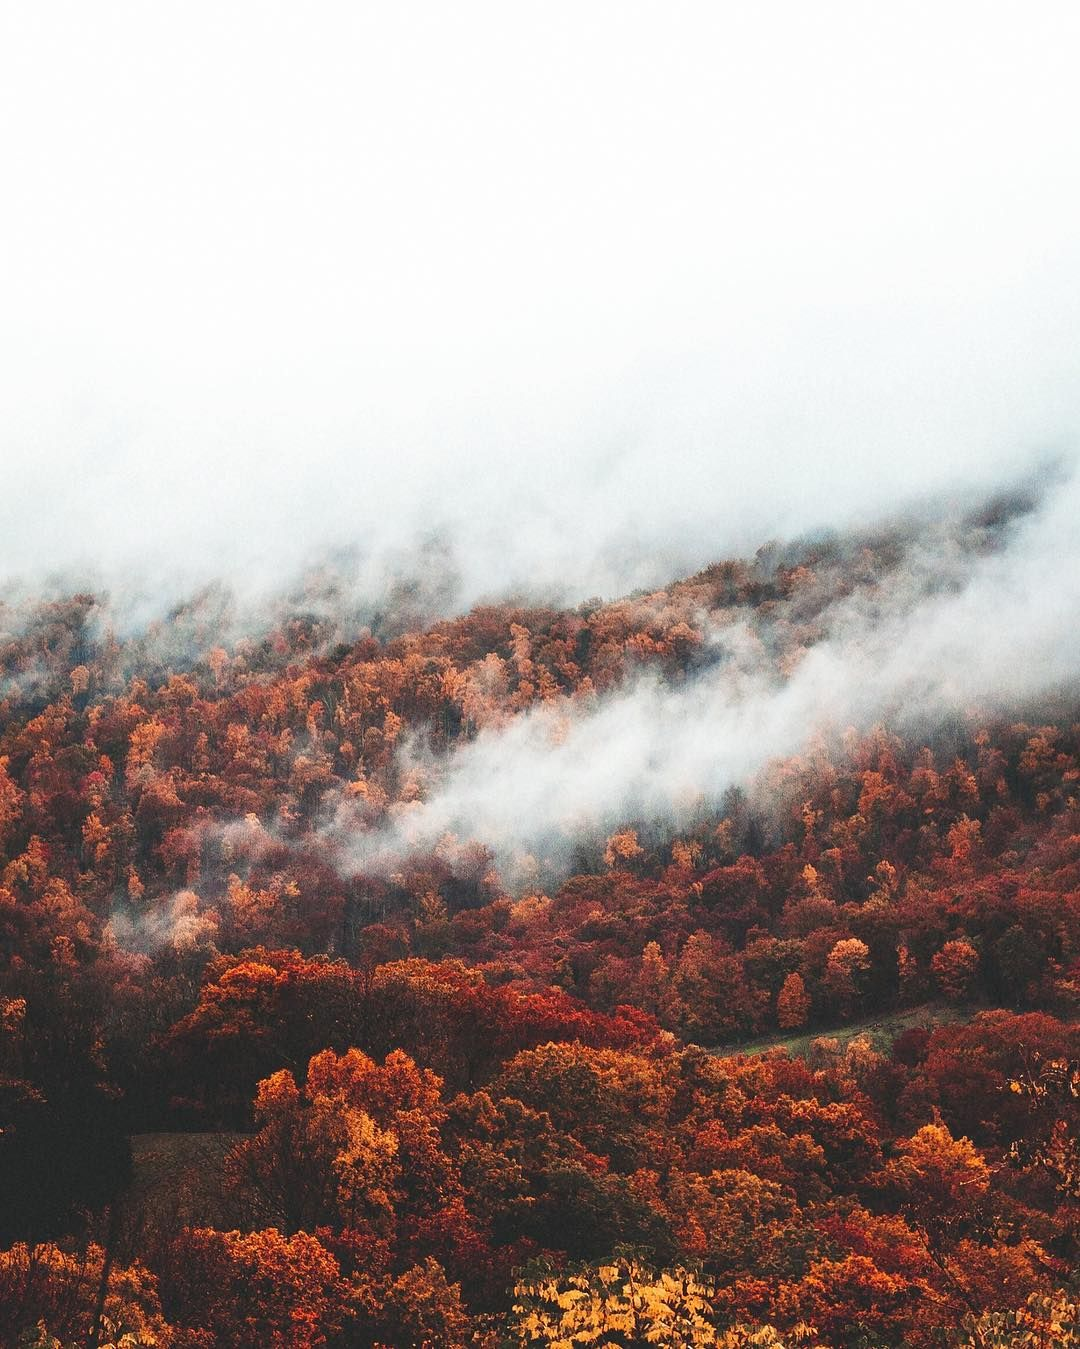 Épinglé sur Fall ~ Autumn ~ Mabon